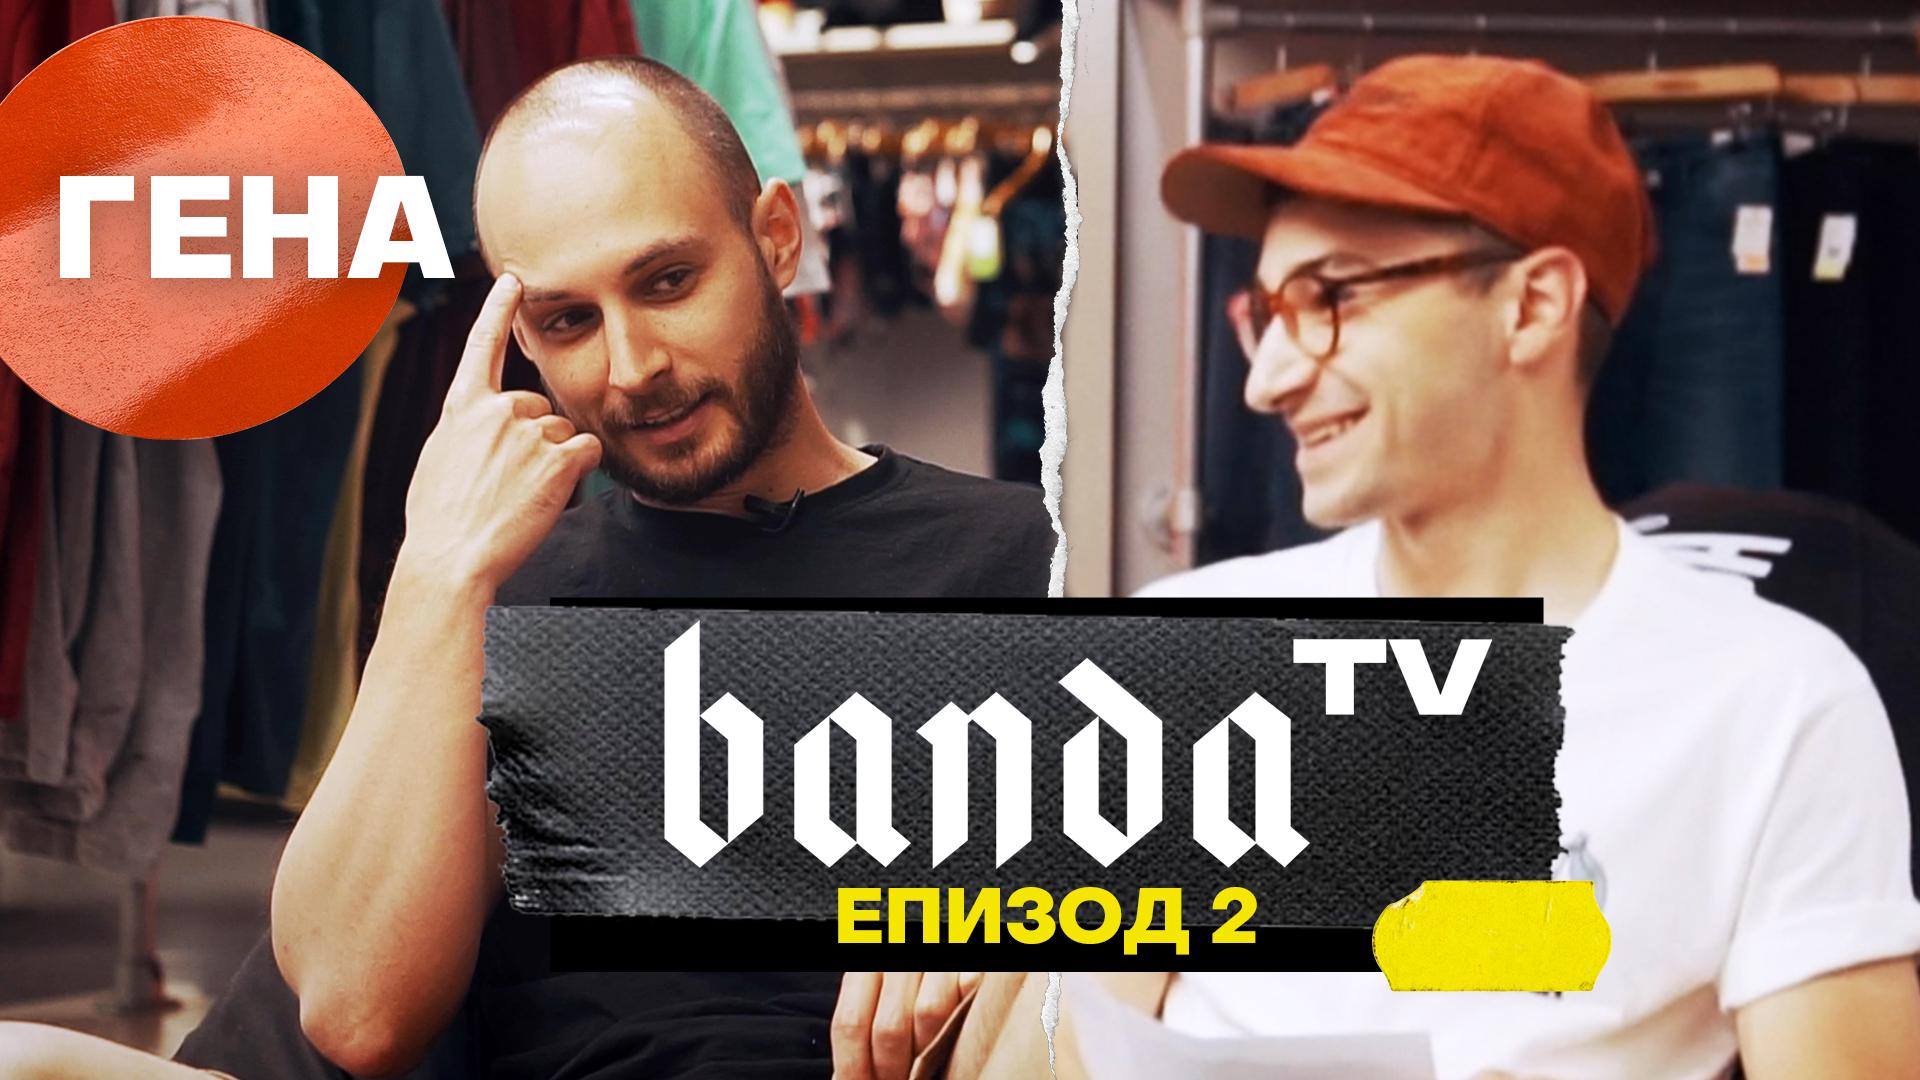 Banda TV - Епизод 2 с ГЕНА